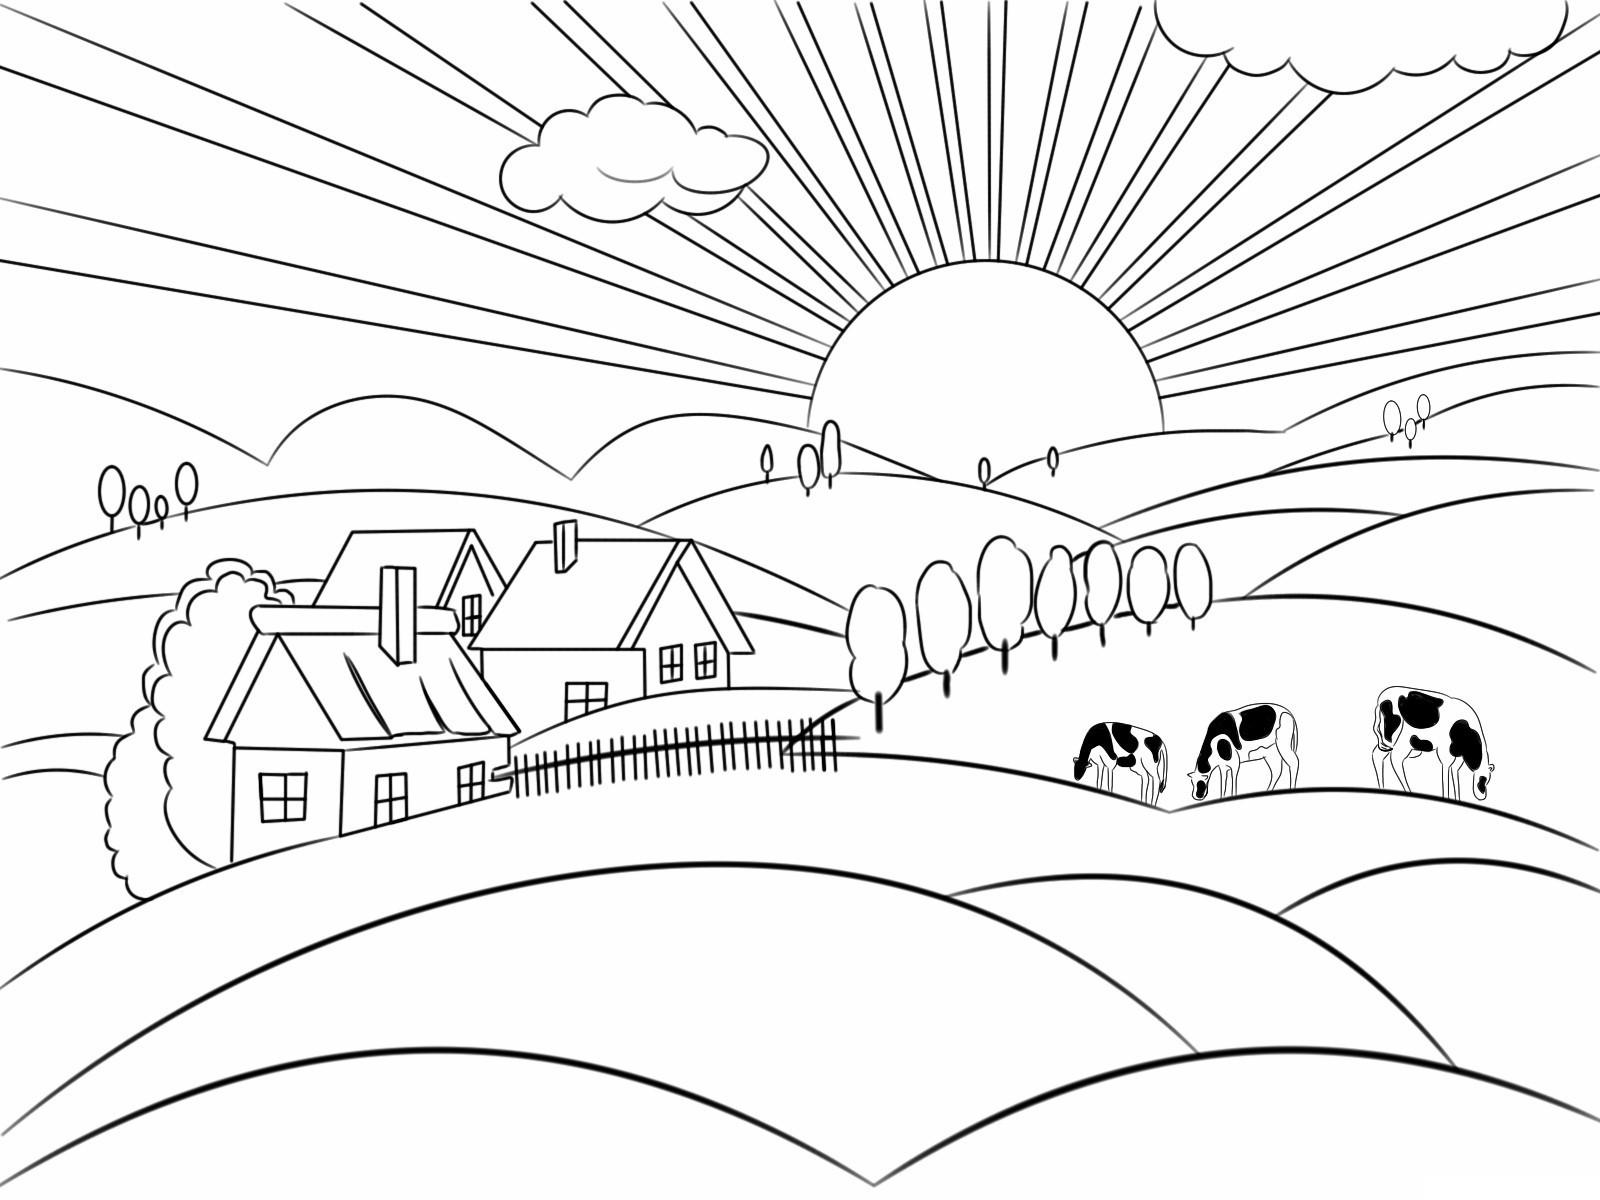 dibujo casa pradera y vacas